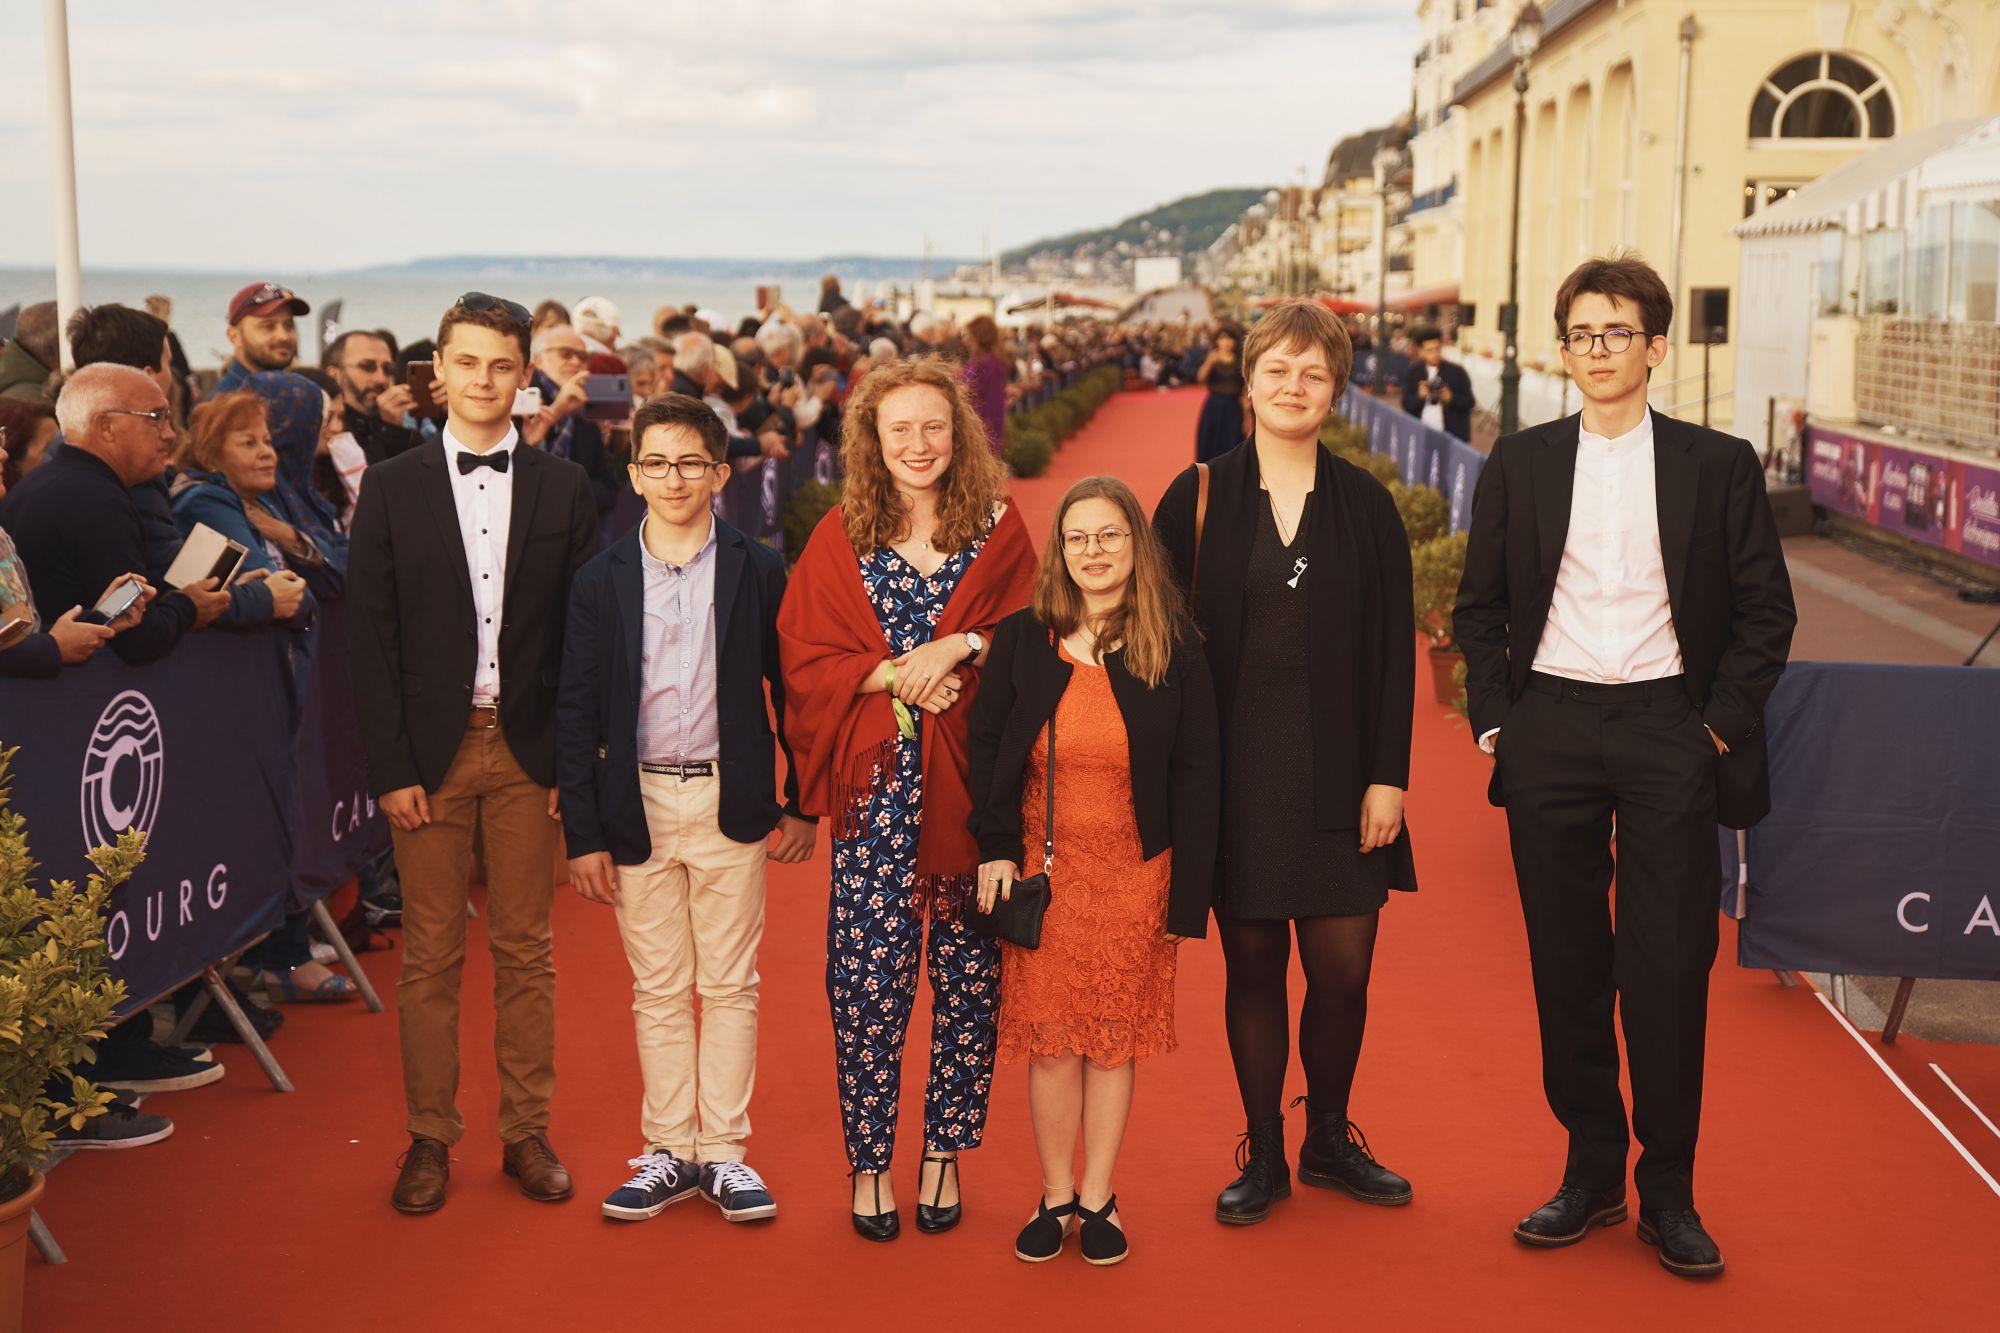 Le Jury Jeunesse